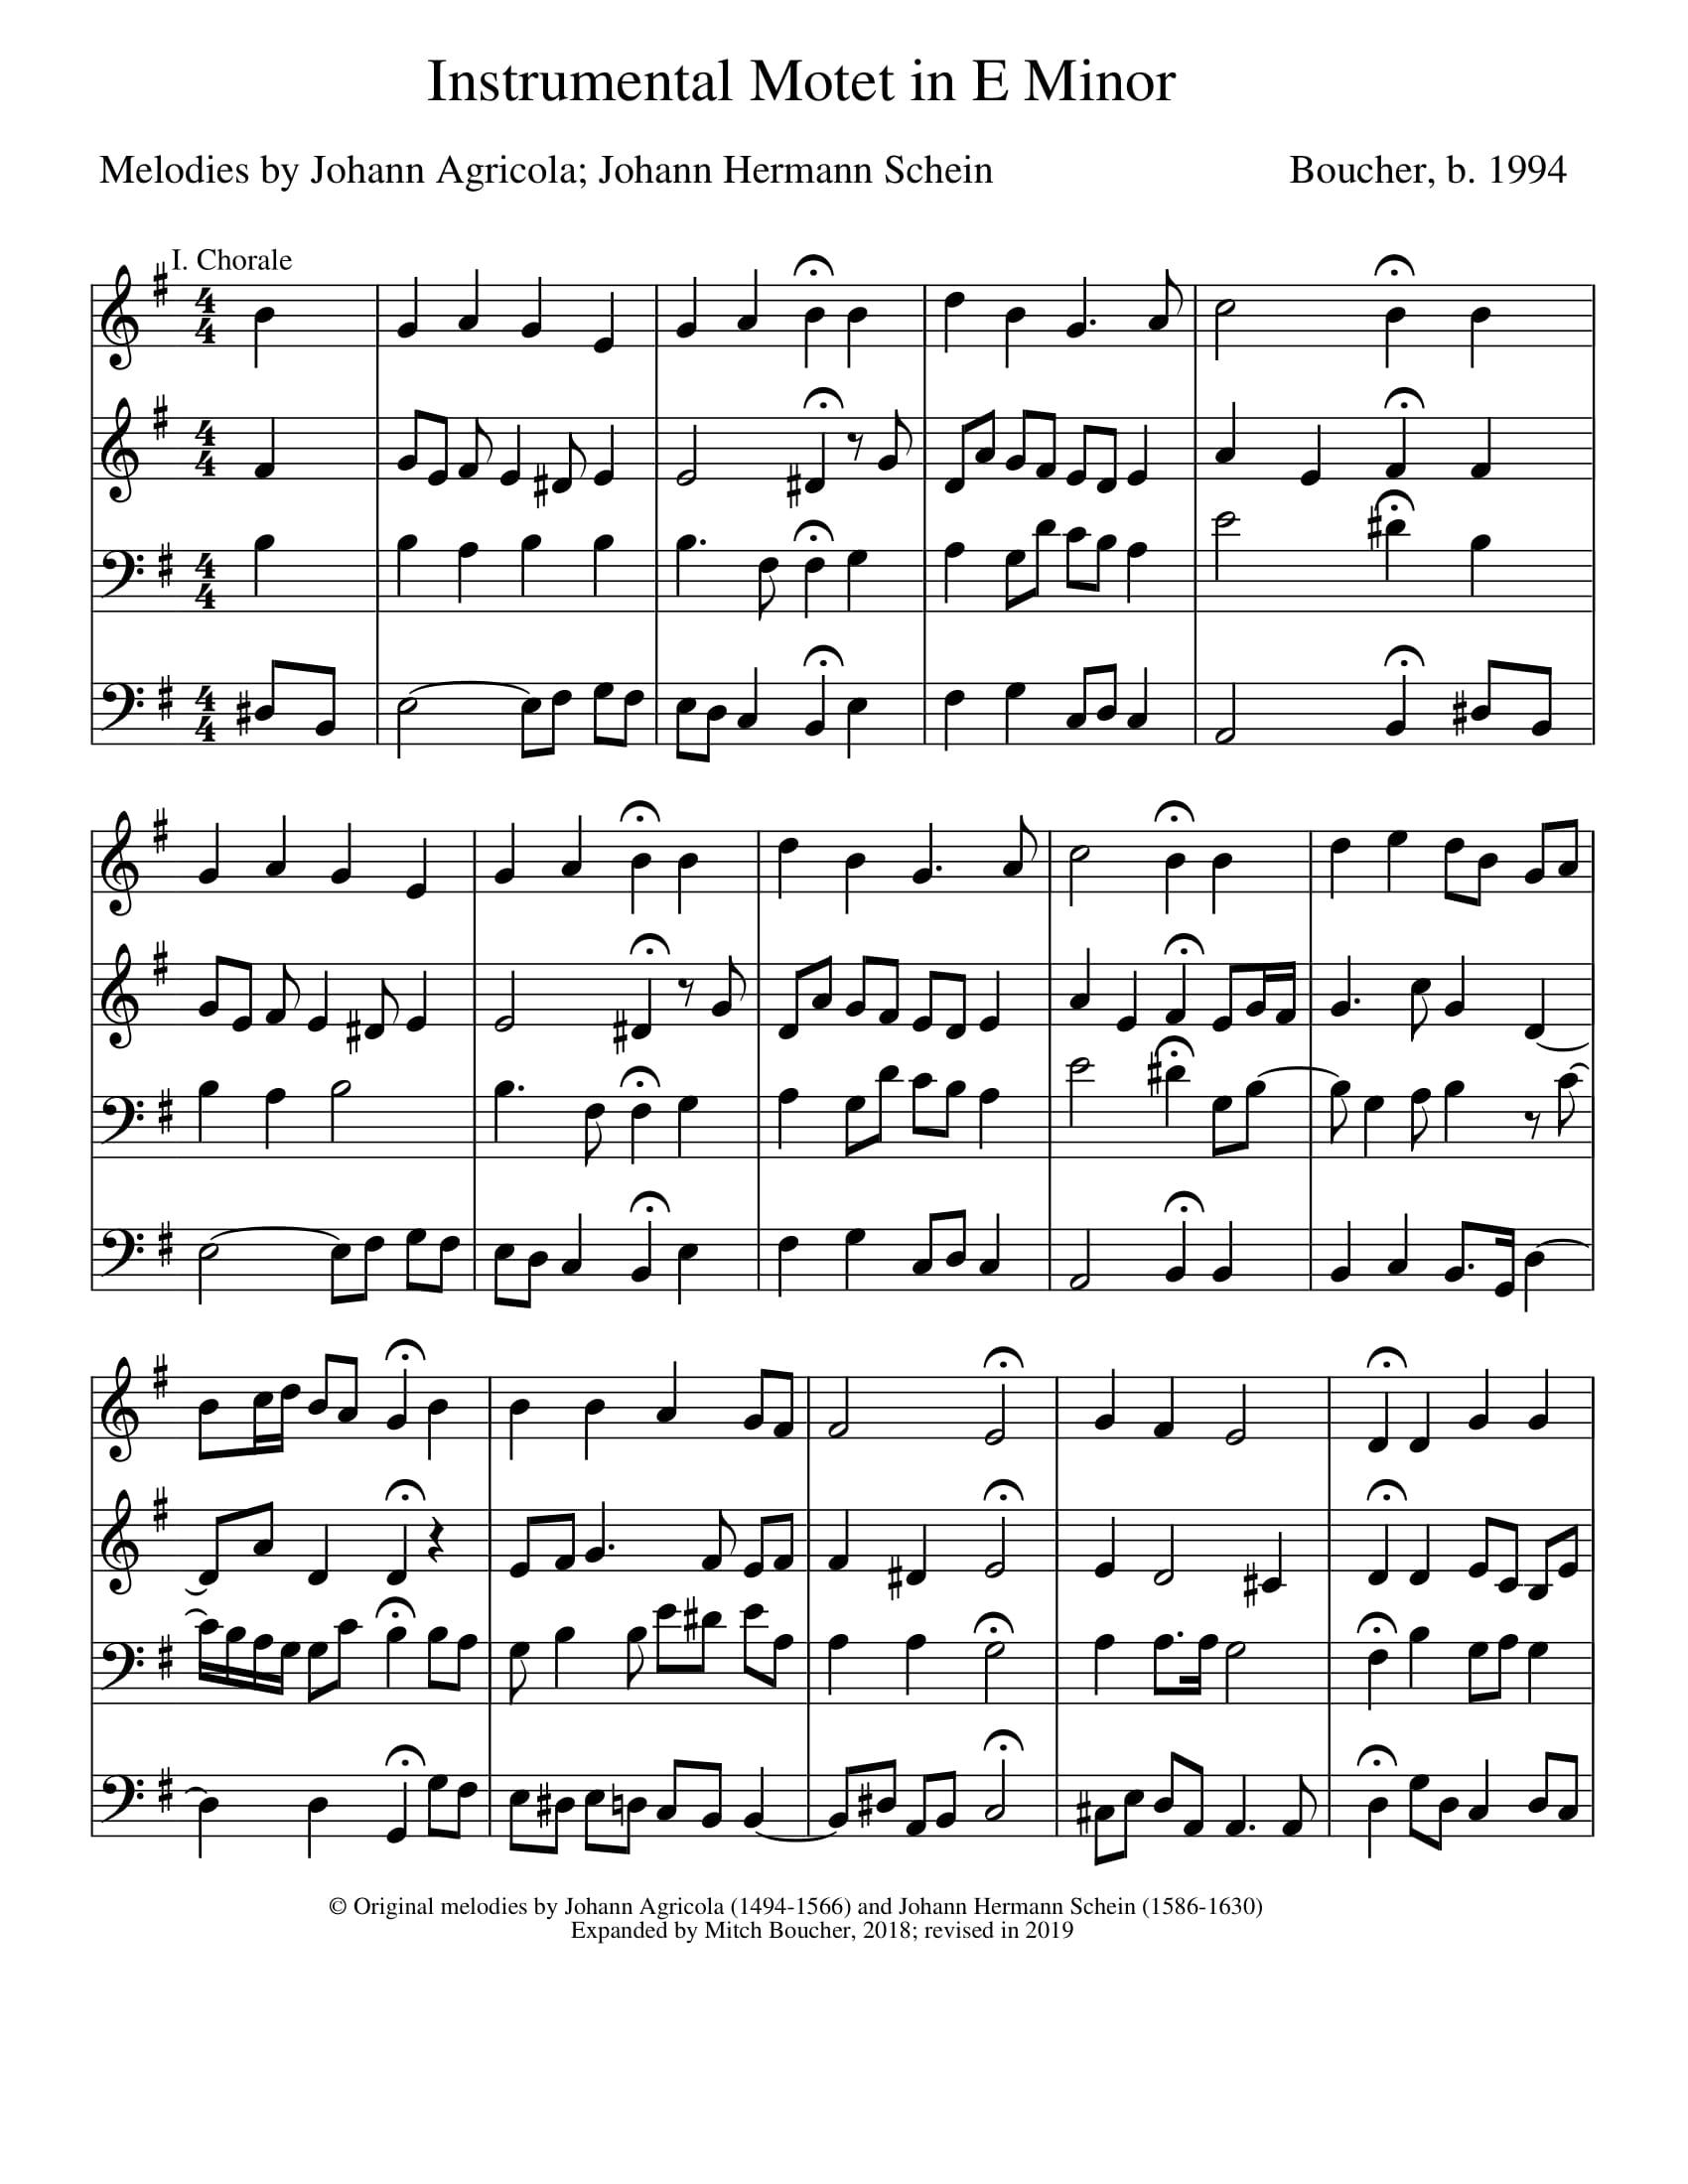 Instrumental Motet in E minor